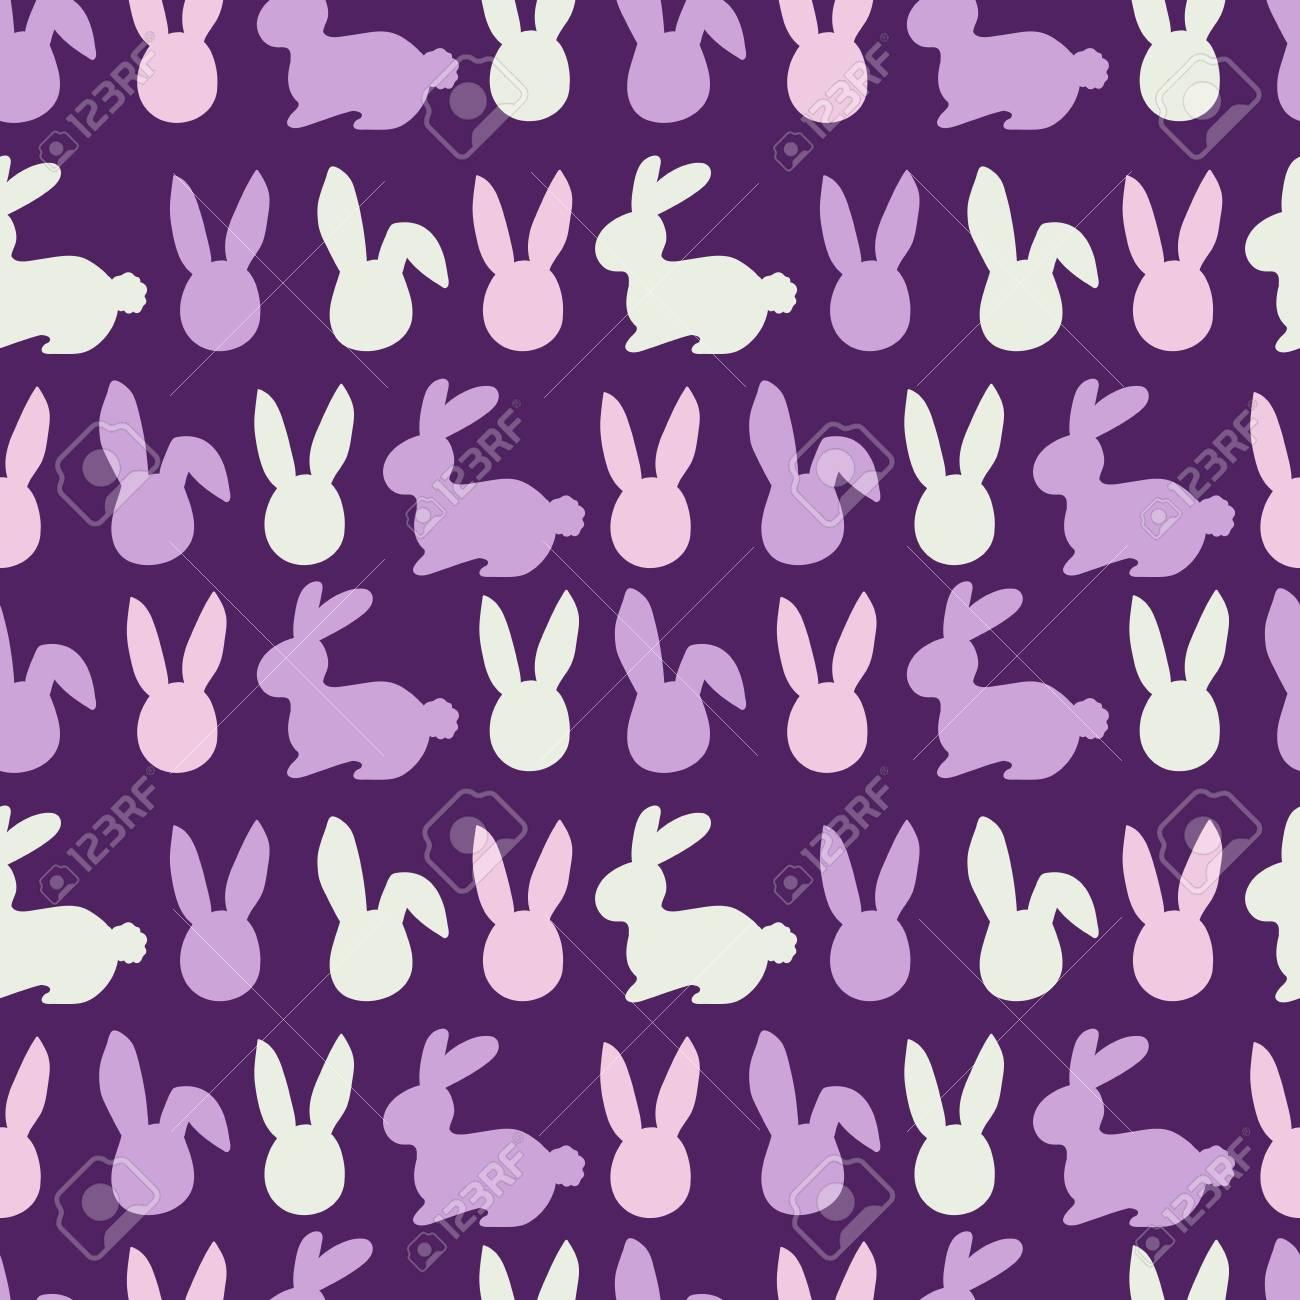 Violet pattern of easter bunny. Egg hunt illustration for flyer, design, scrapbooking, poster, banner, web element - 97890057